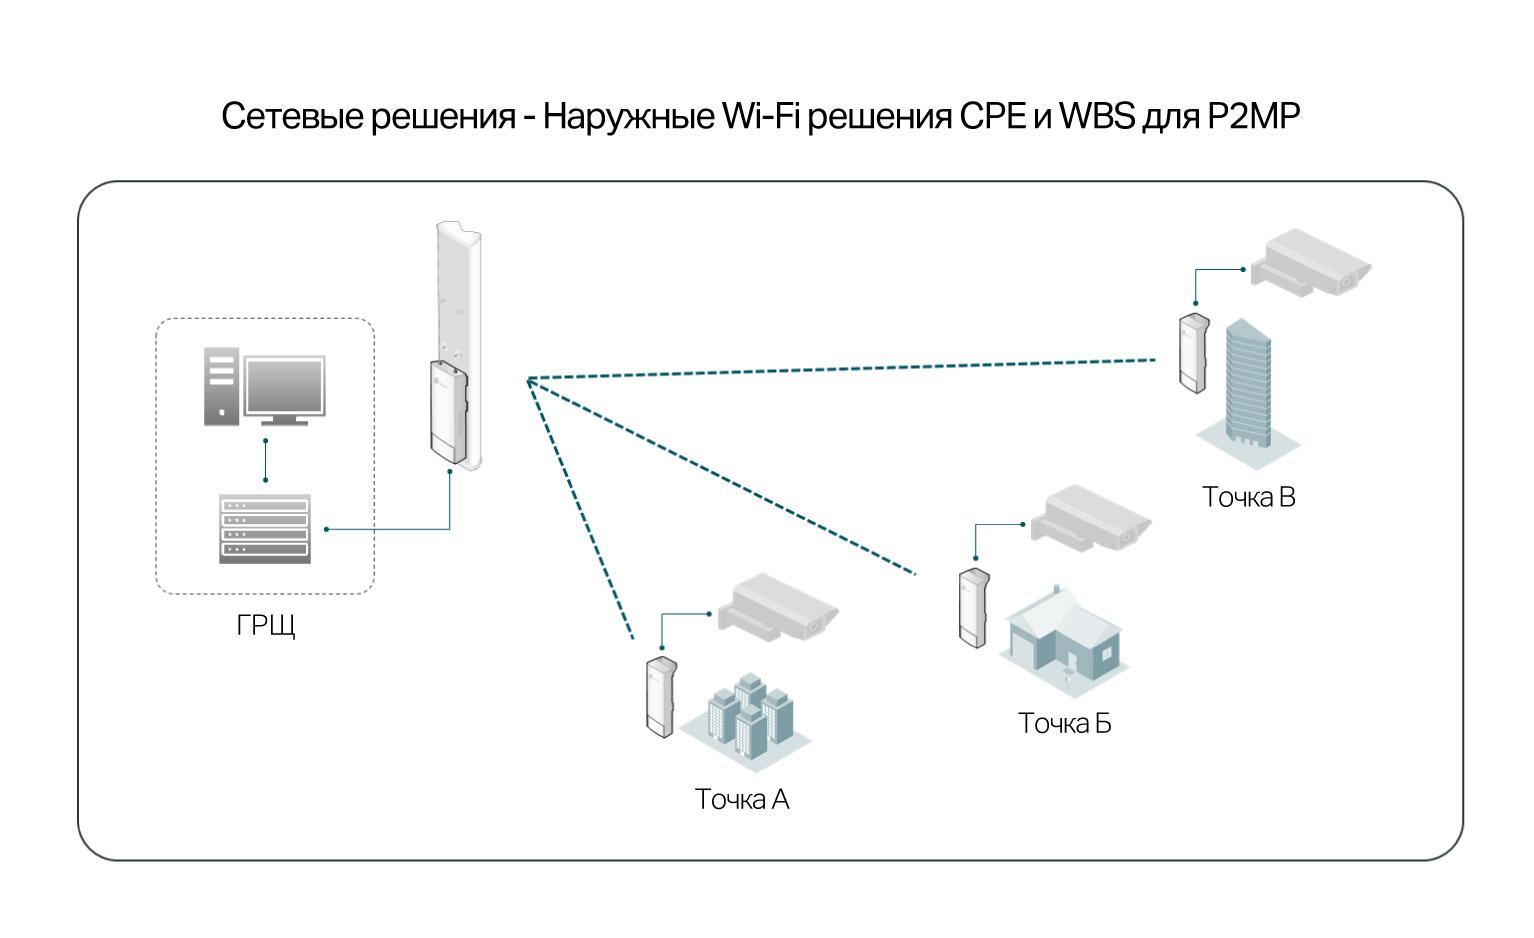 Outdoor Wi-Fi: уличные Wi-Fi сети и мосты на оборудовании TP-Link - 7